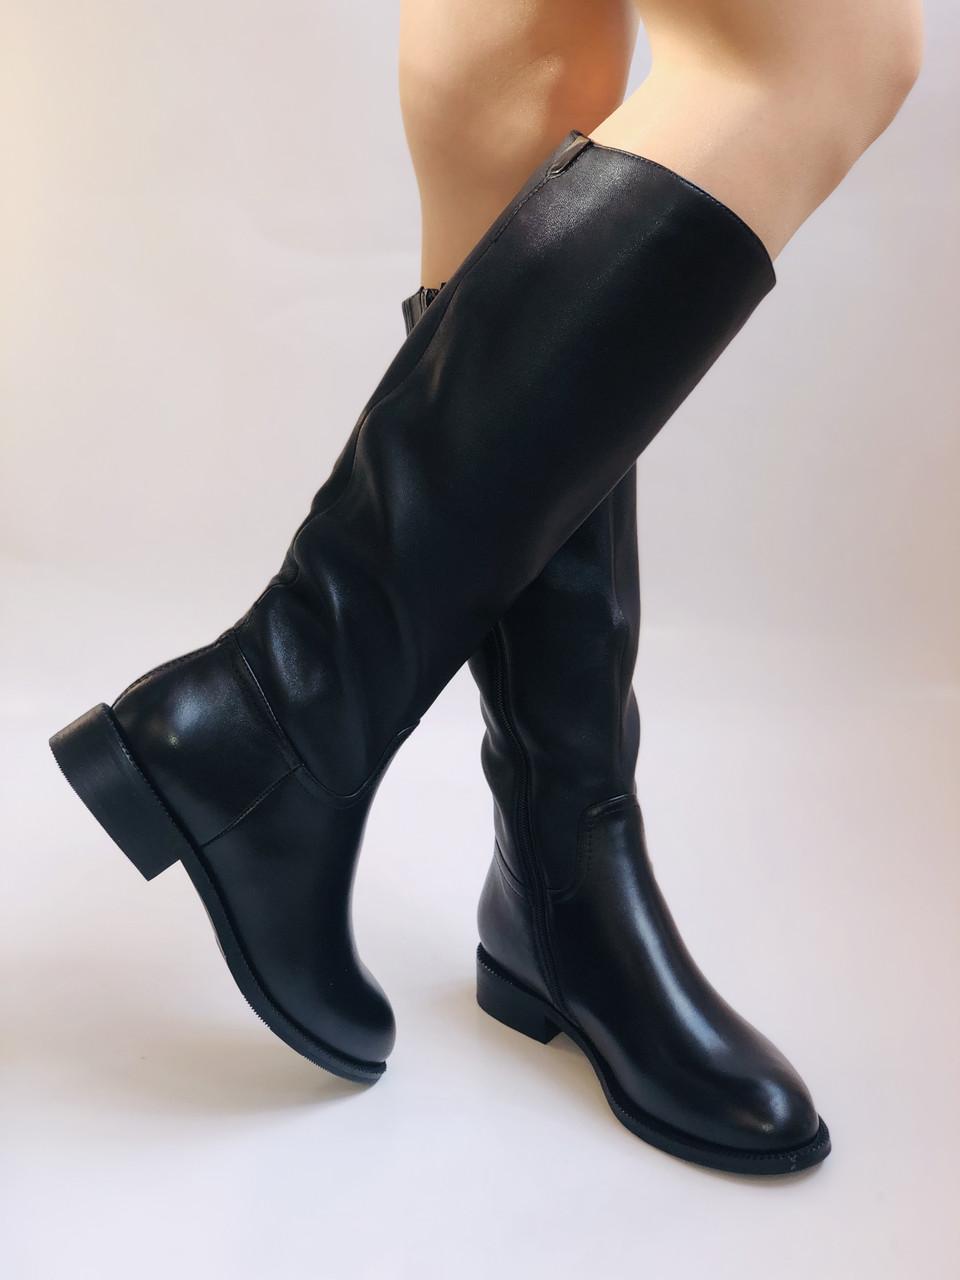 Женские осенне-весенние сапоги на среднем каблуке. Натуральная кожа.Высокое качество. Р. 35.38.39.Molka